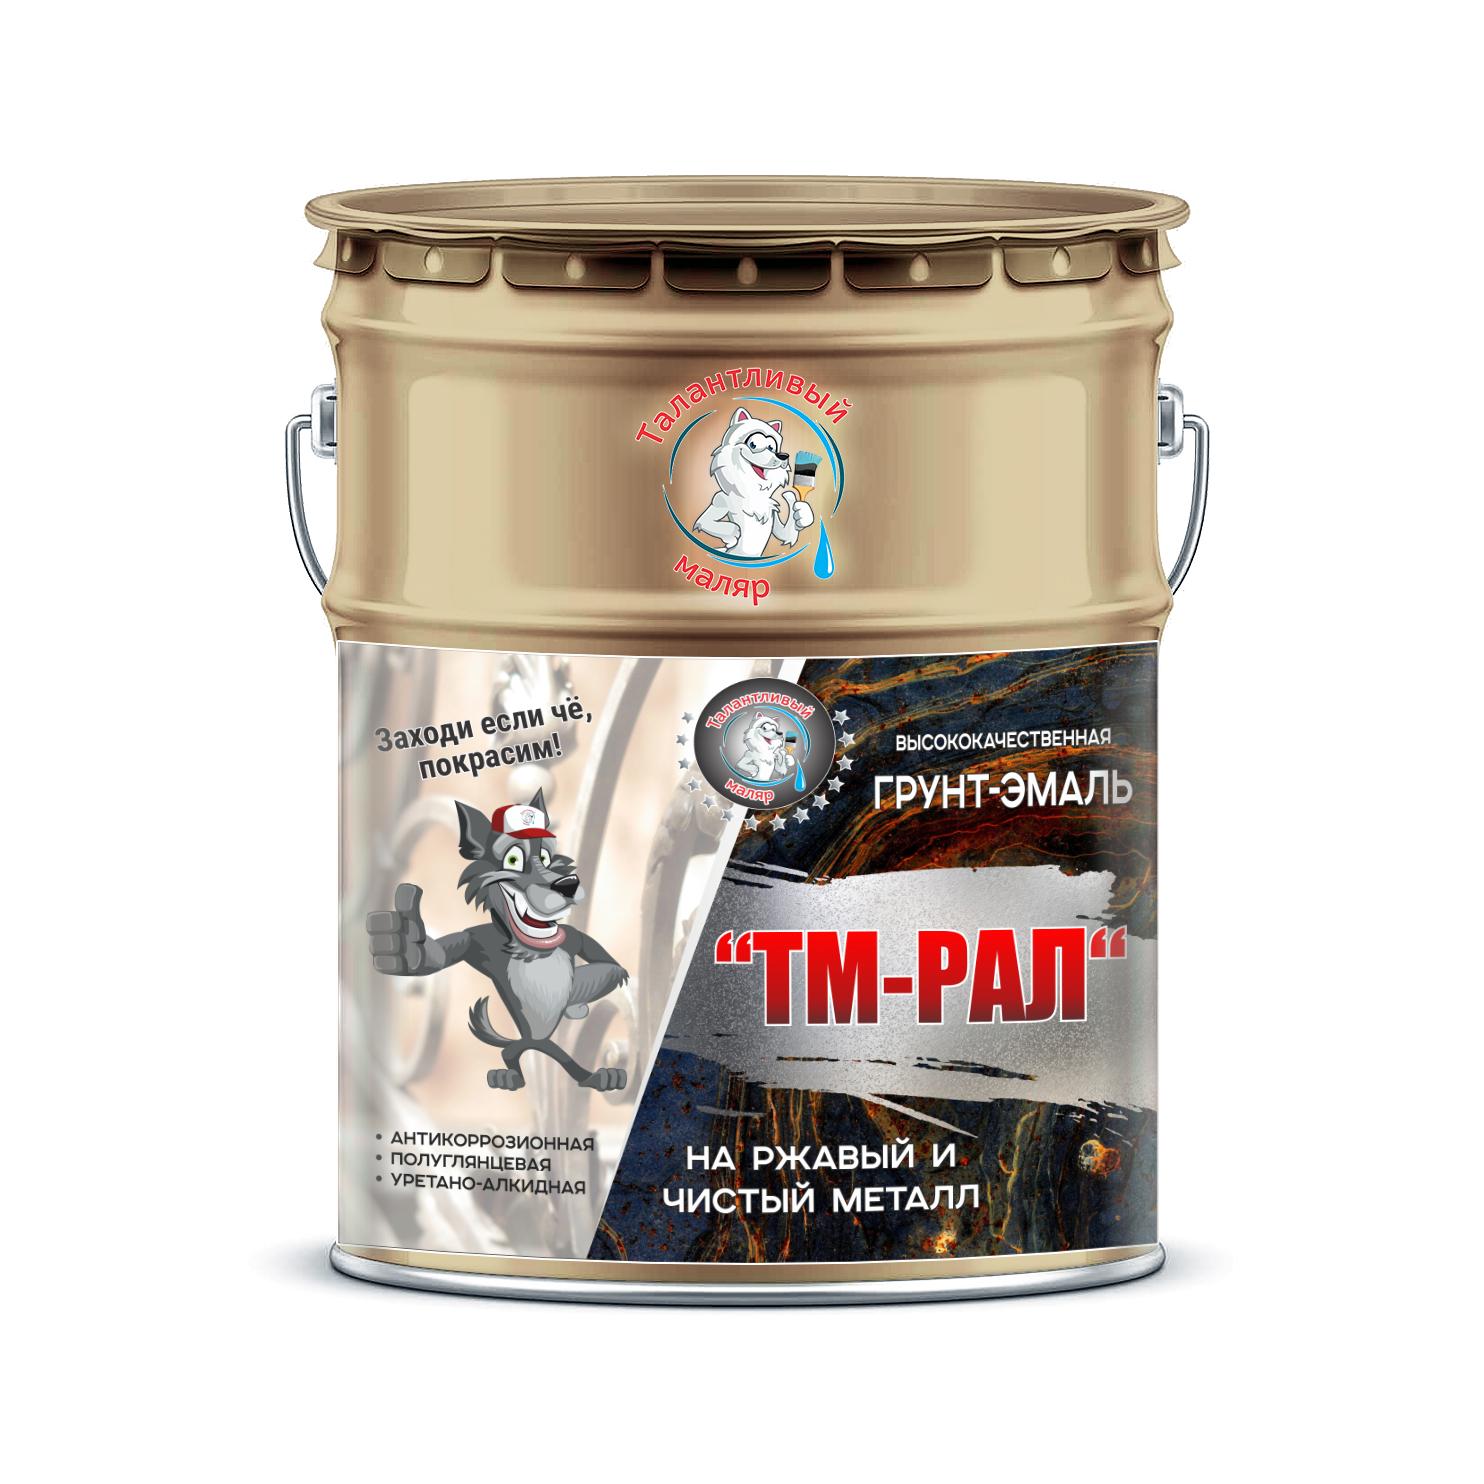 """Фото 2 - TM1001 Грунт-Эмаль """"ТМ РАЛ"""" уретано-алкидная 3 в 1 цвет RAL 1001 Бежевый, антикоррозионная,  полуглянцевая для черных металлов, 20 кг """"Талантливый маляр""""."""